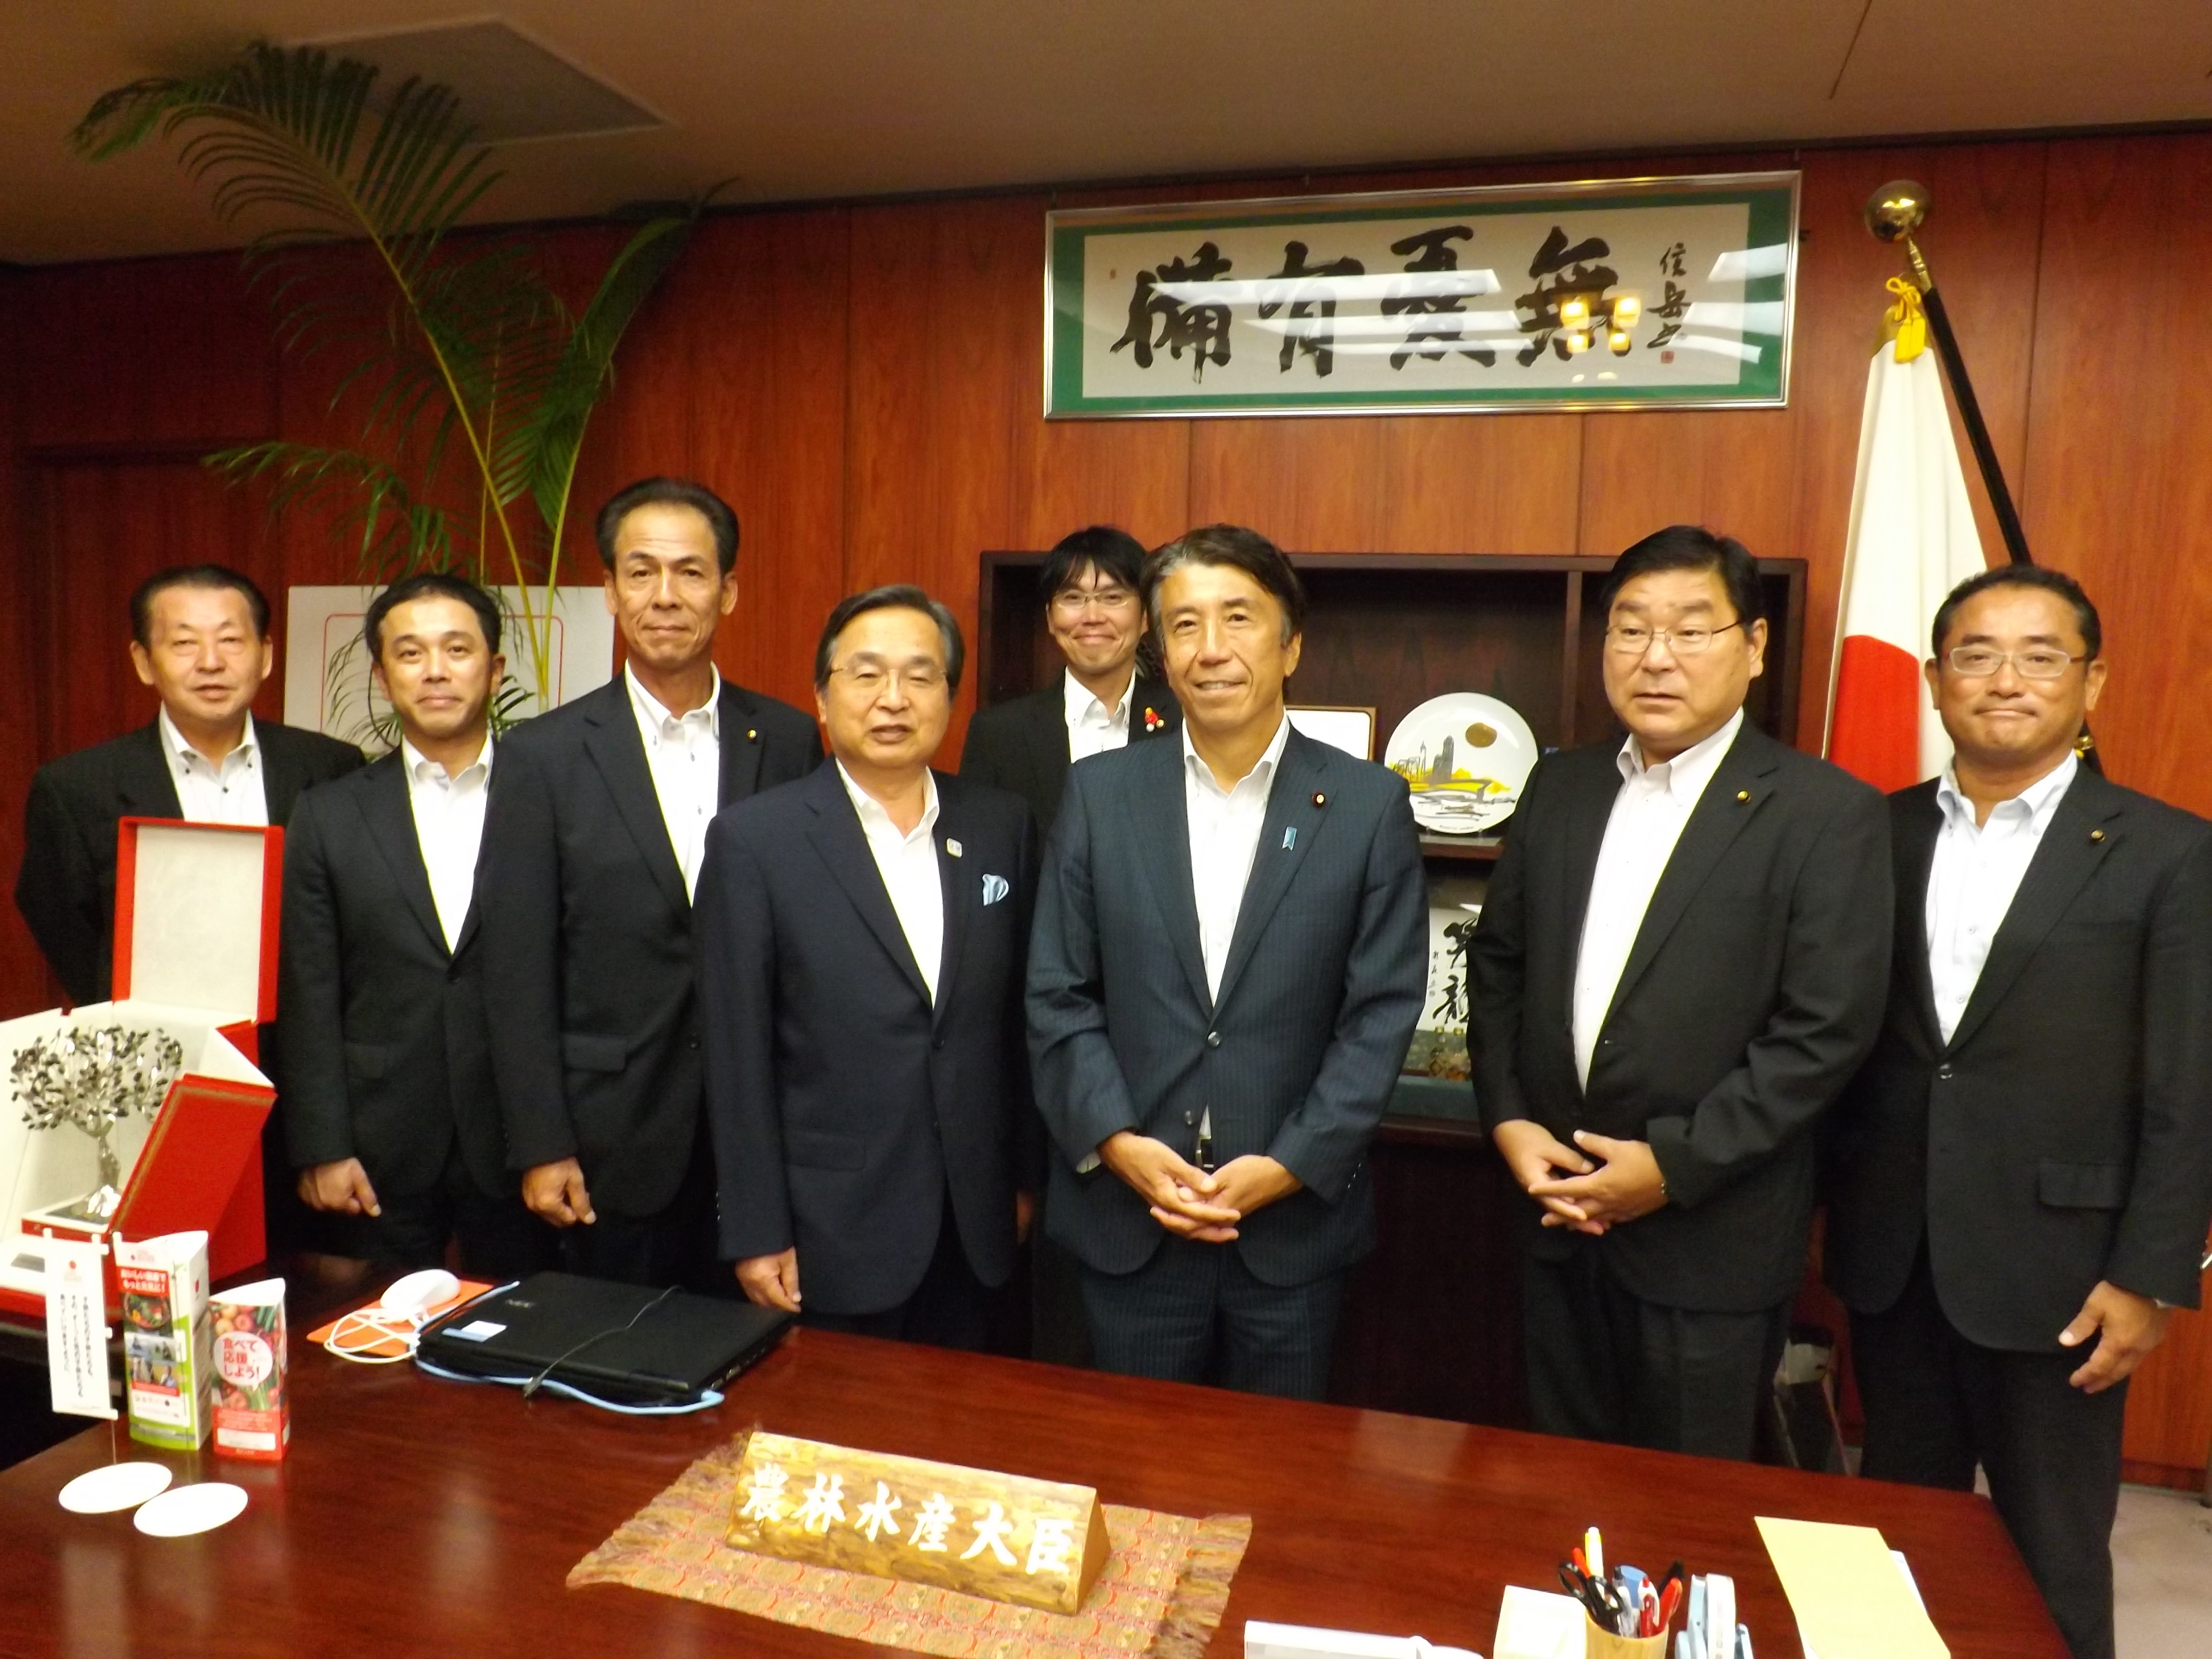 右から3番目は齋藤健農林水産大臣